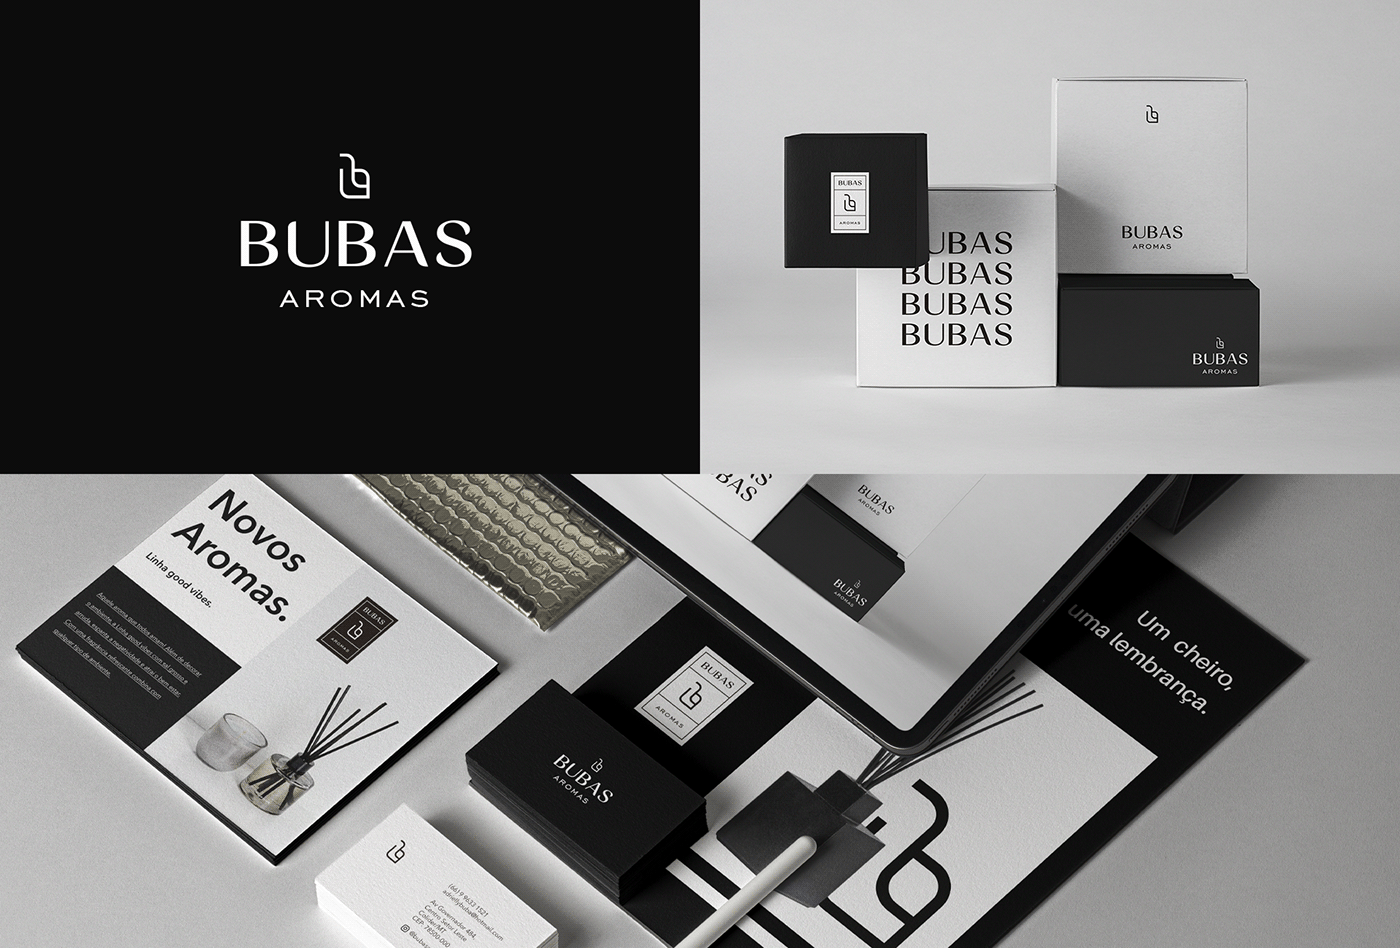 A imagem contém o logo da Bubas Aroma, a representação da marca em caixa e em outros mockups.